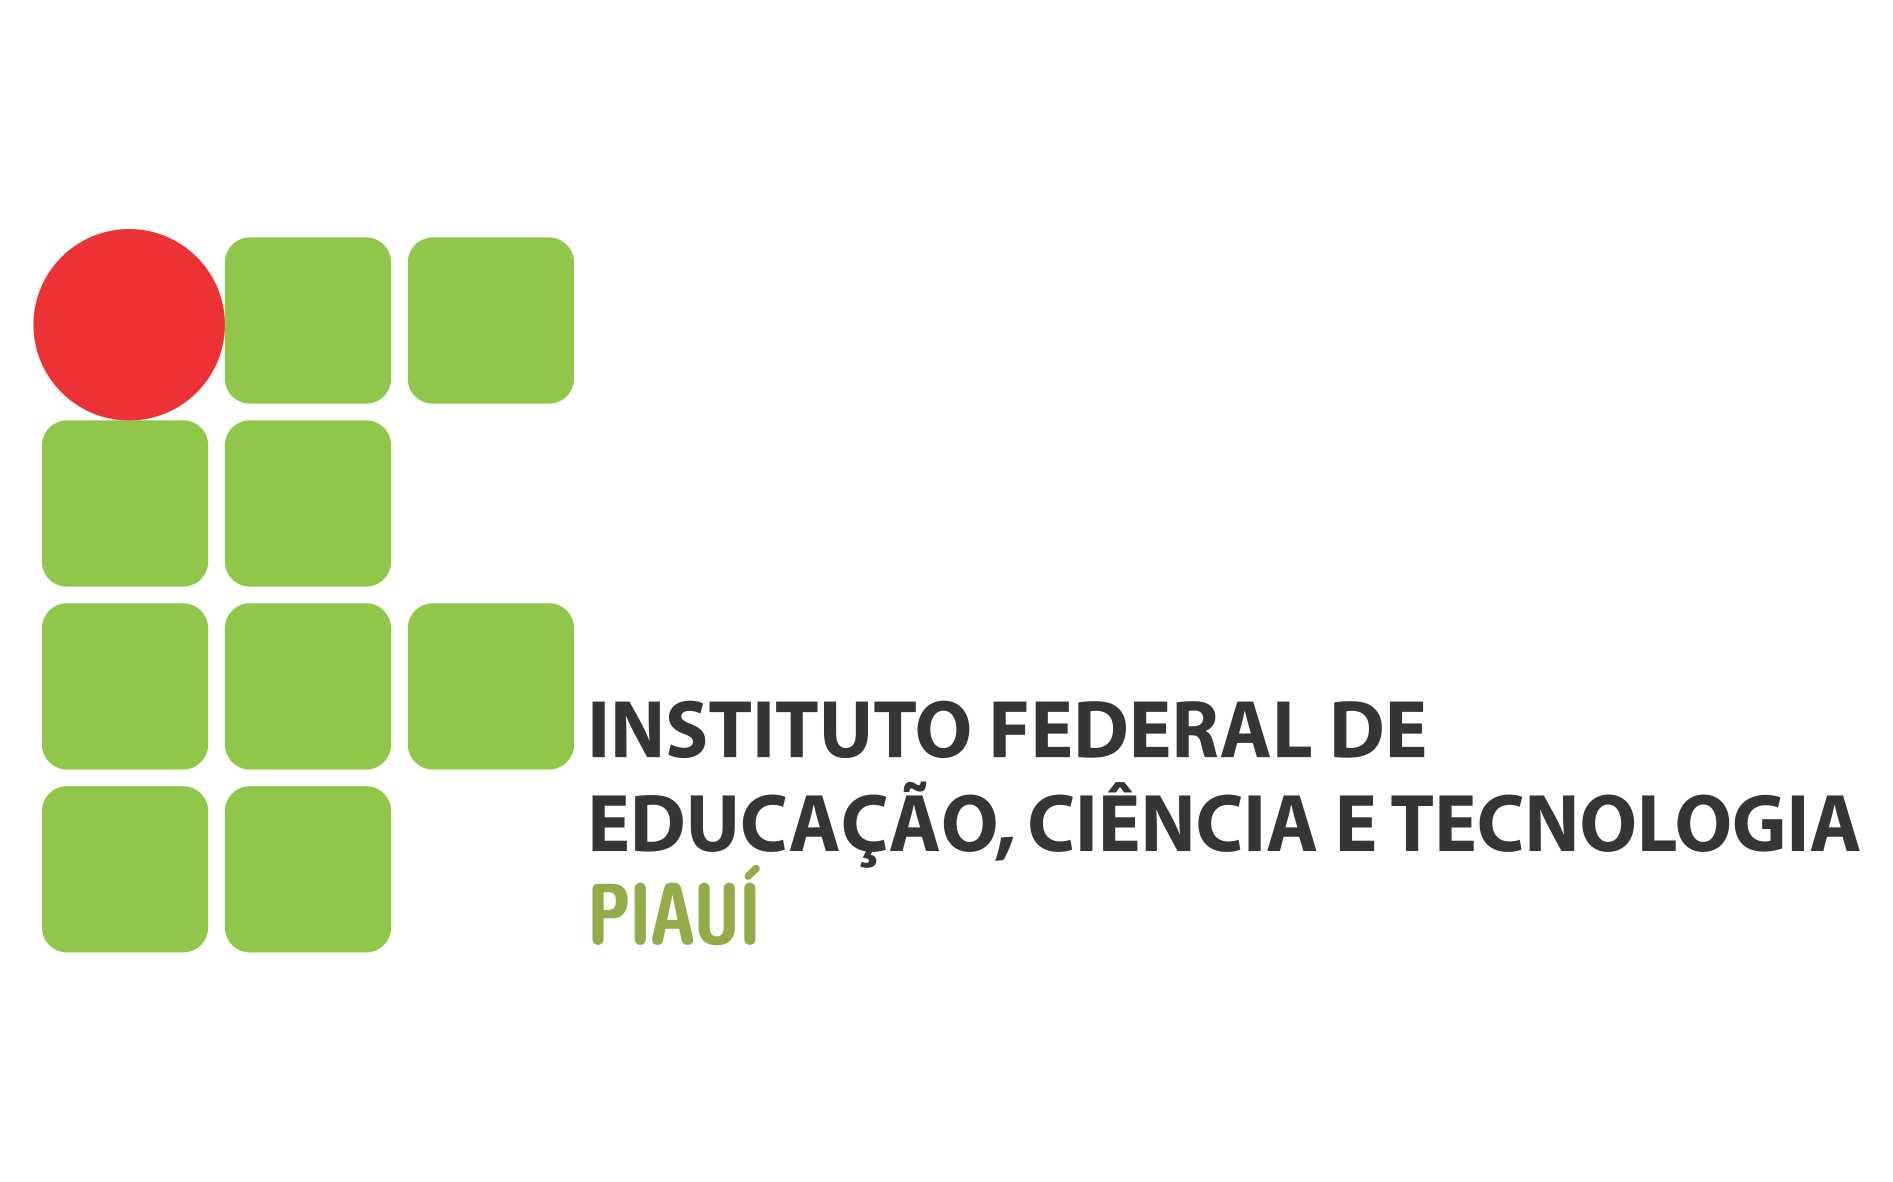 Processo seletivo para contratação de professor de Geoprocessamento no Piauí